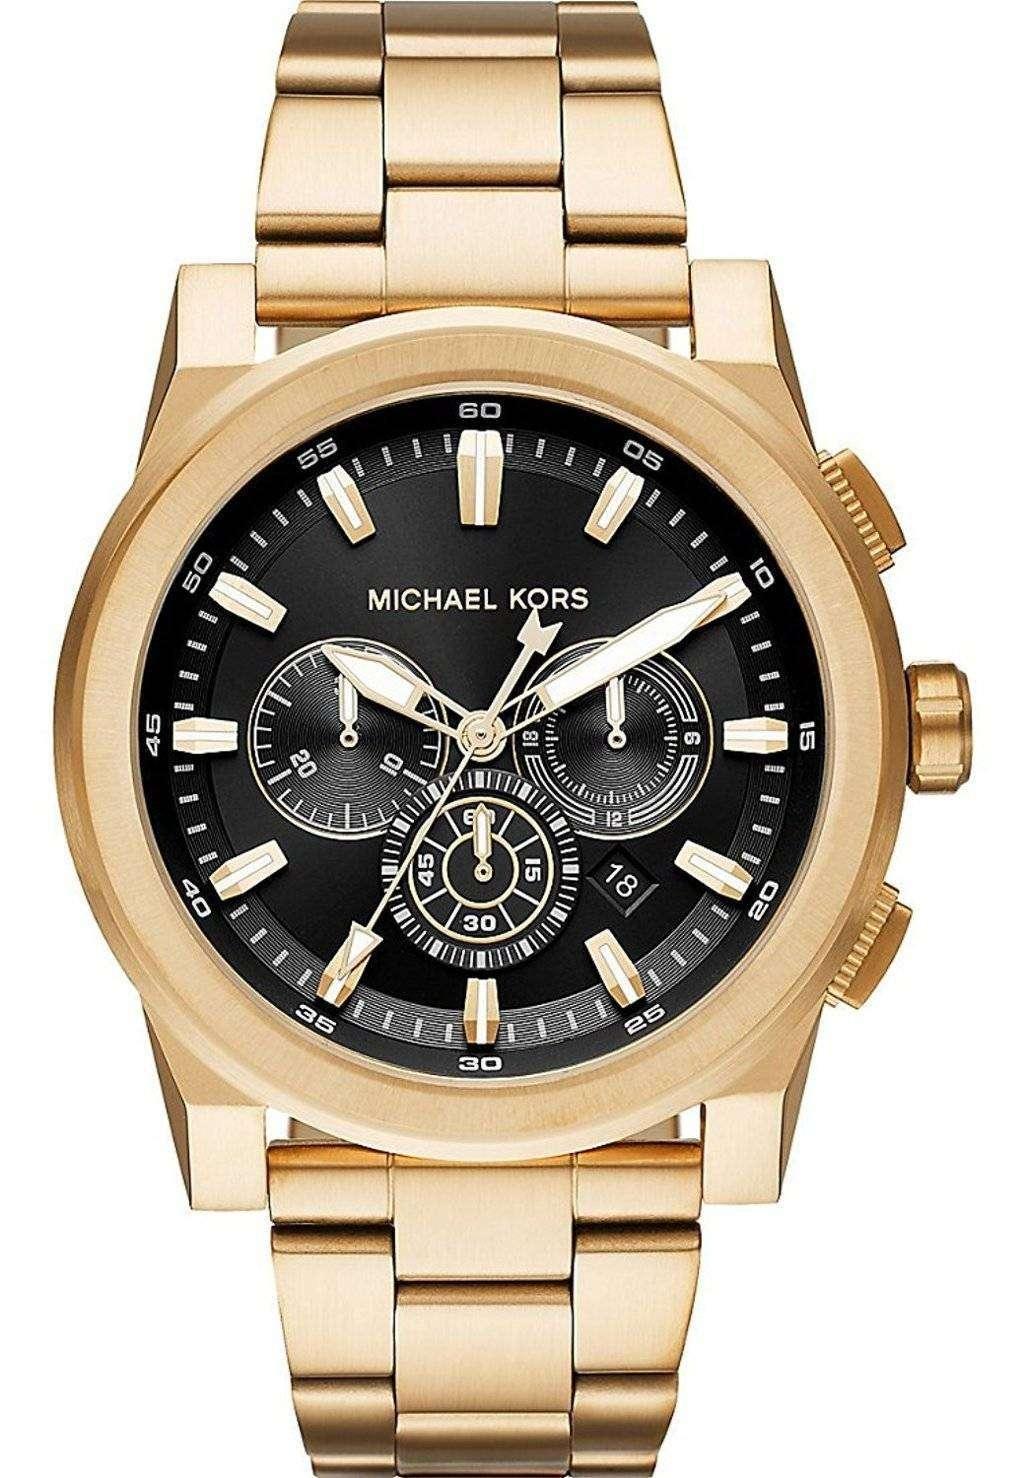 ミハエル Kors グレイソン クロノグラフ クォーツ MK8599 メンズ腕時計